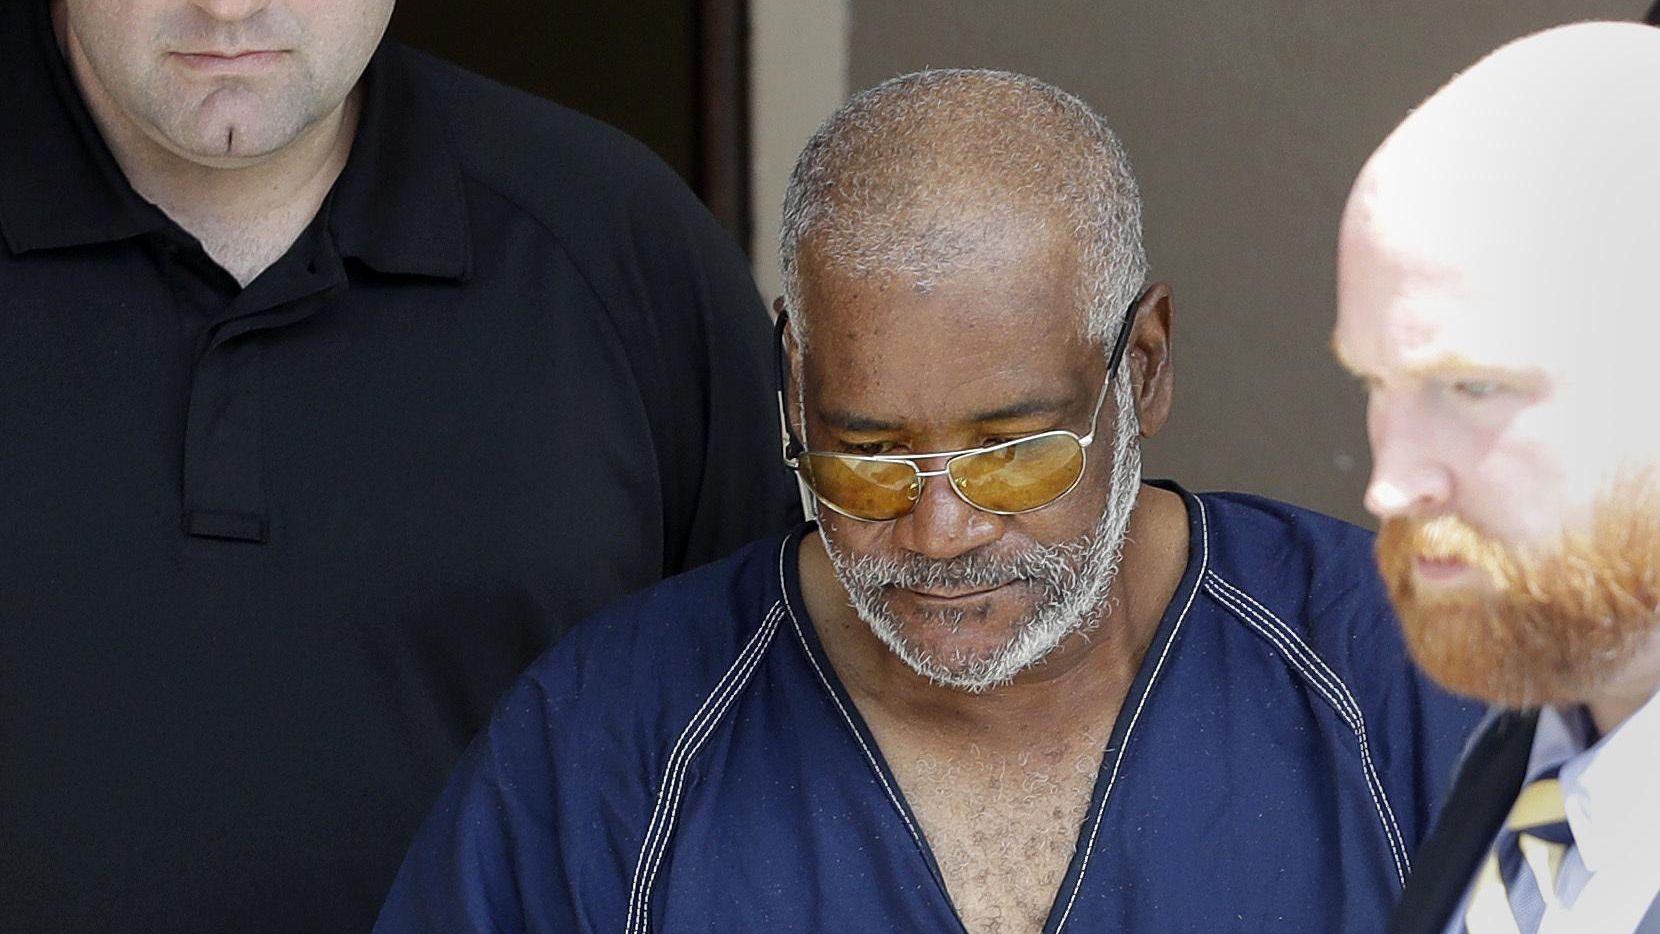 James Mathew Bradley Jr. de 60 años, es acusado de asesinato y tráfico de personas. Un jurado investigador lo encausó por esas muertes. Foto AP